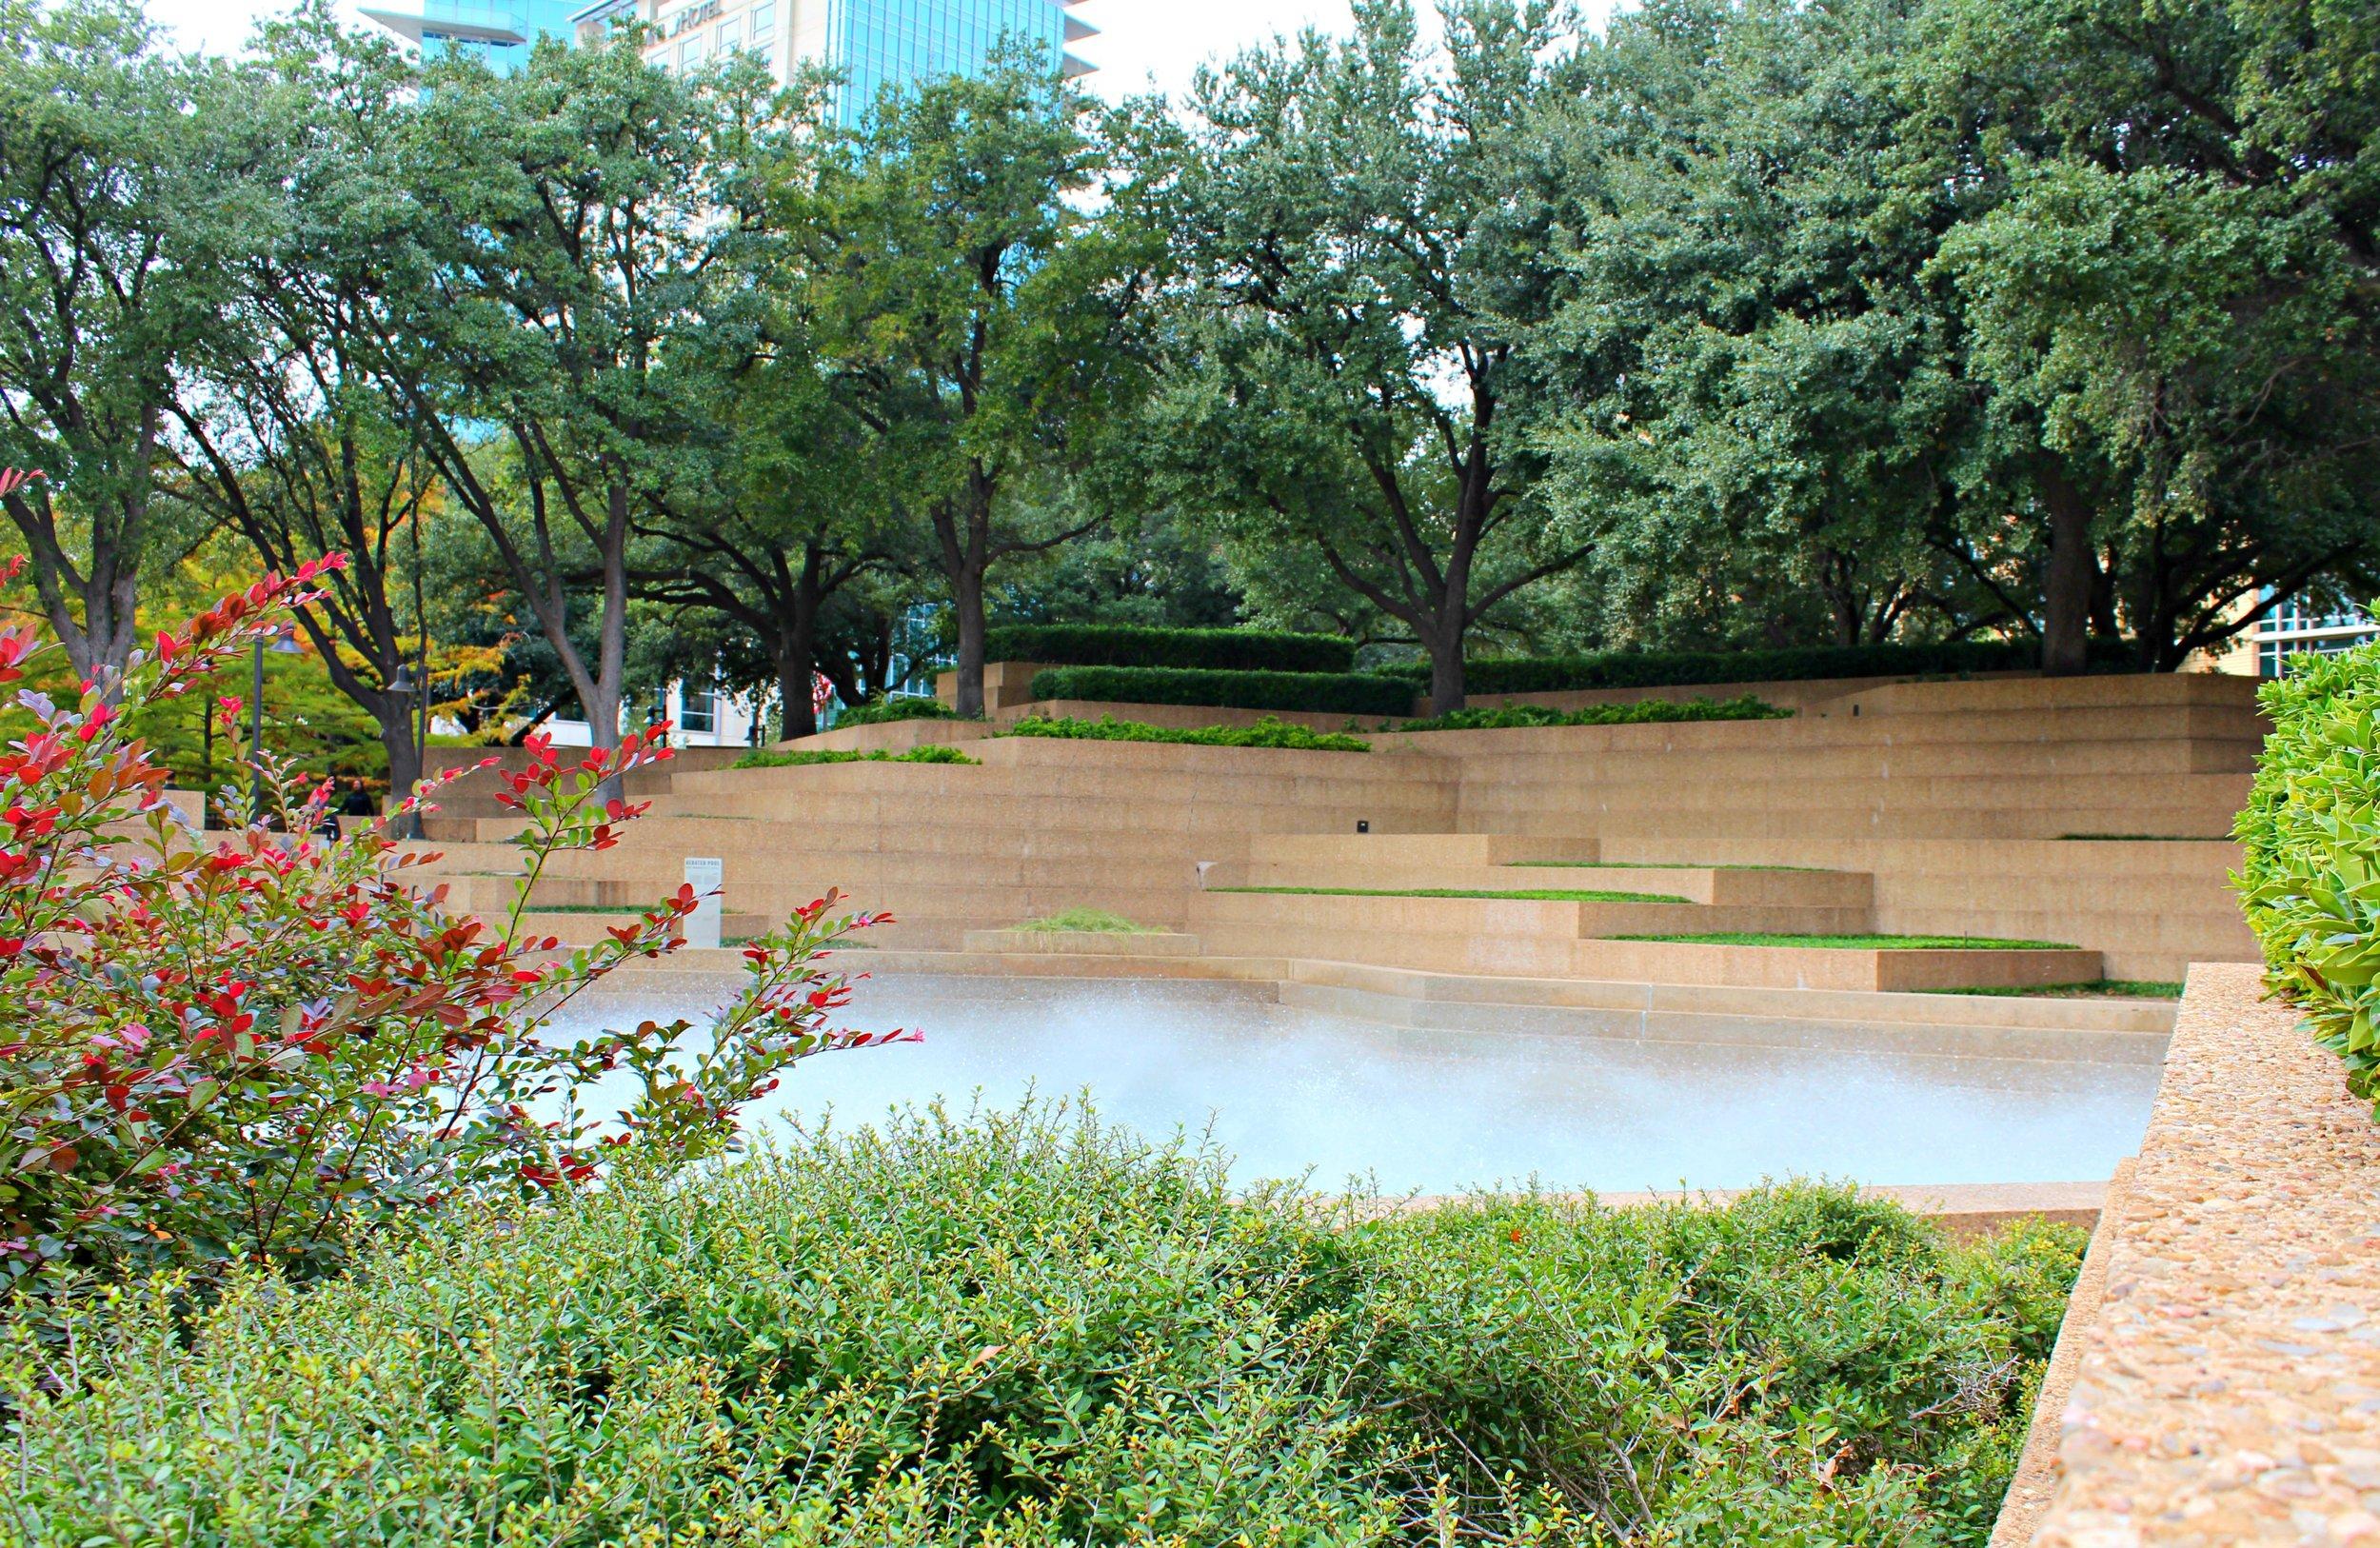 Fort Worth Water Gardens 6.0.jpg